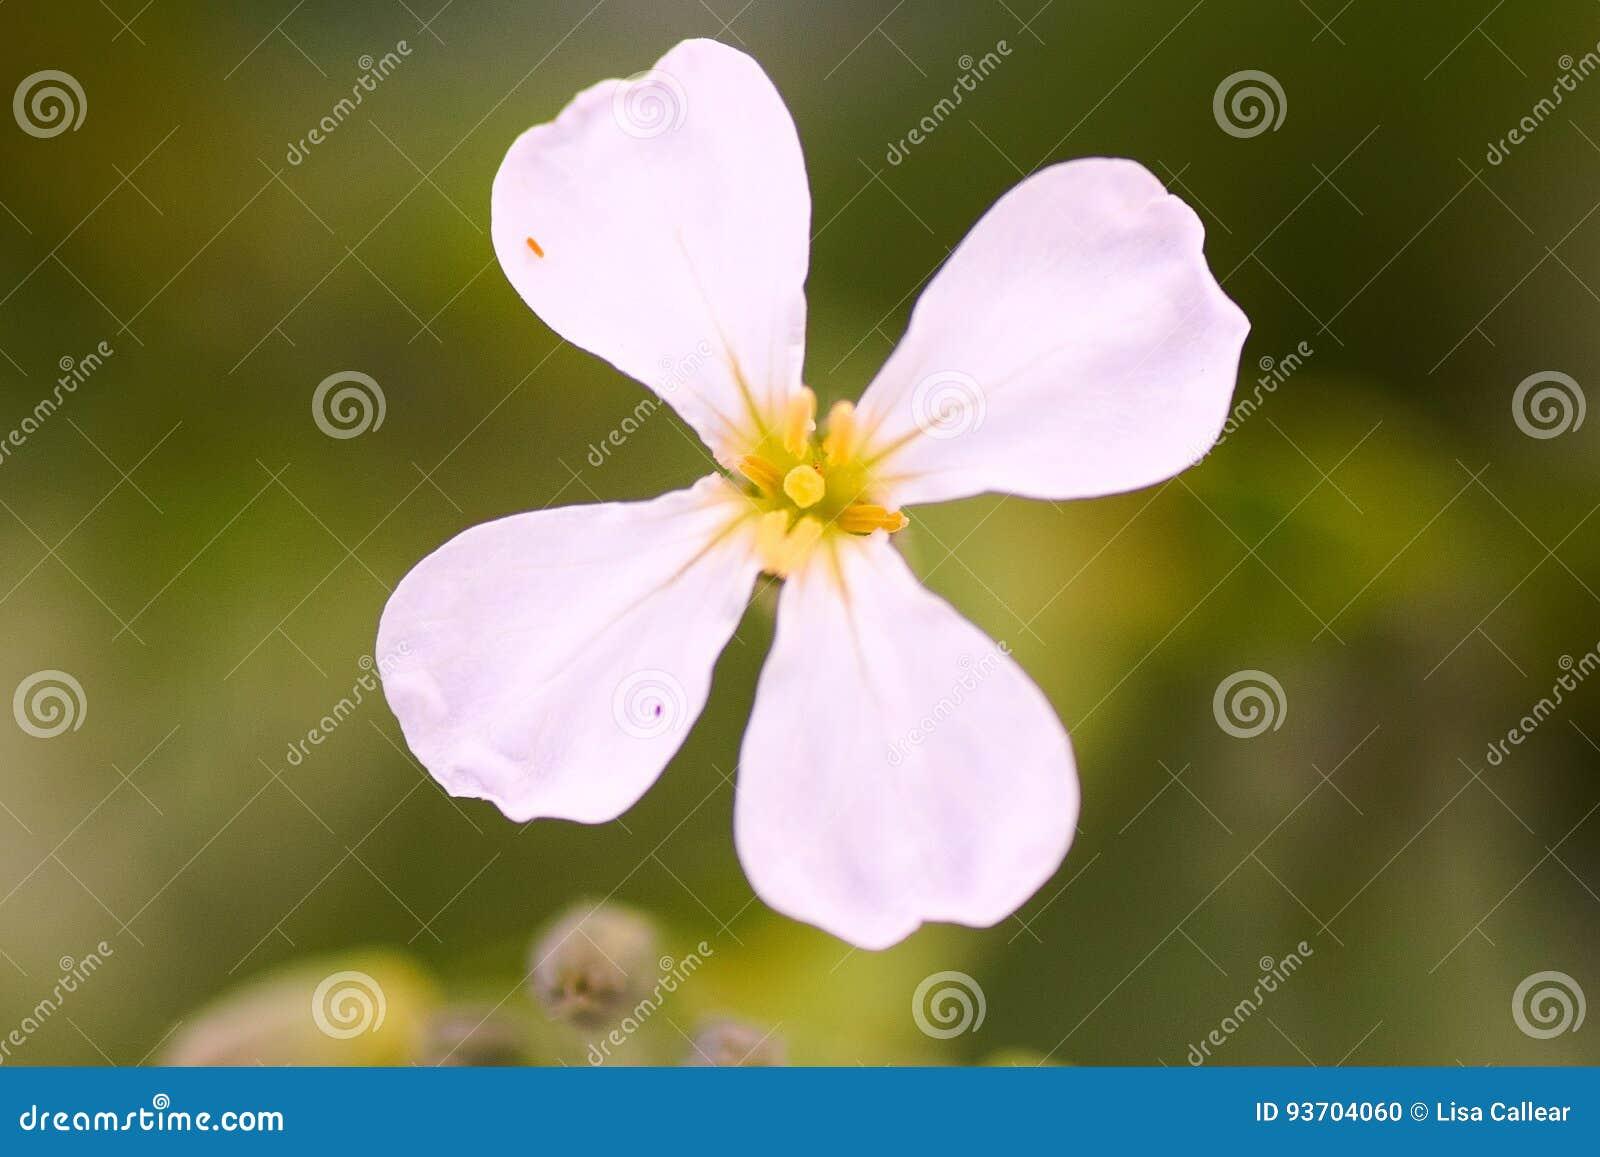 Nom D Inconnu De Fleur Blanche Photo Stock Image Du Regard Jardin